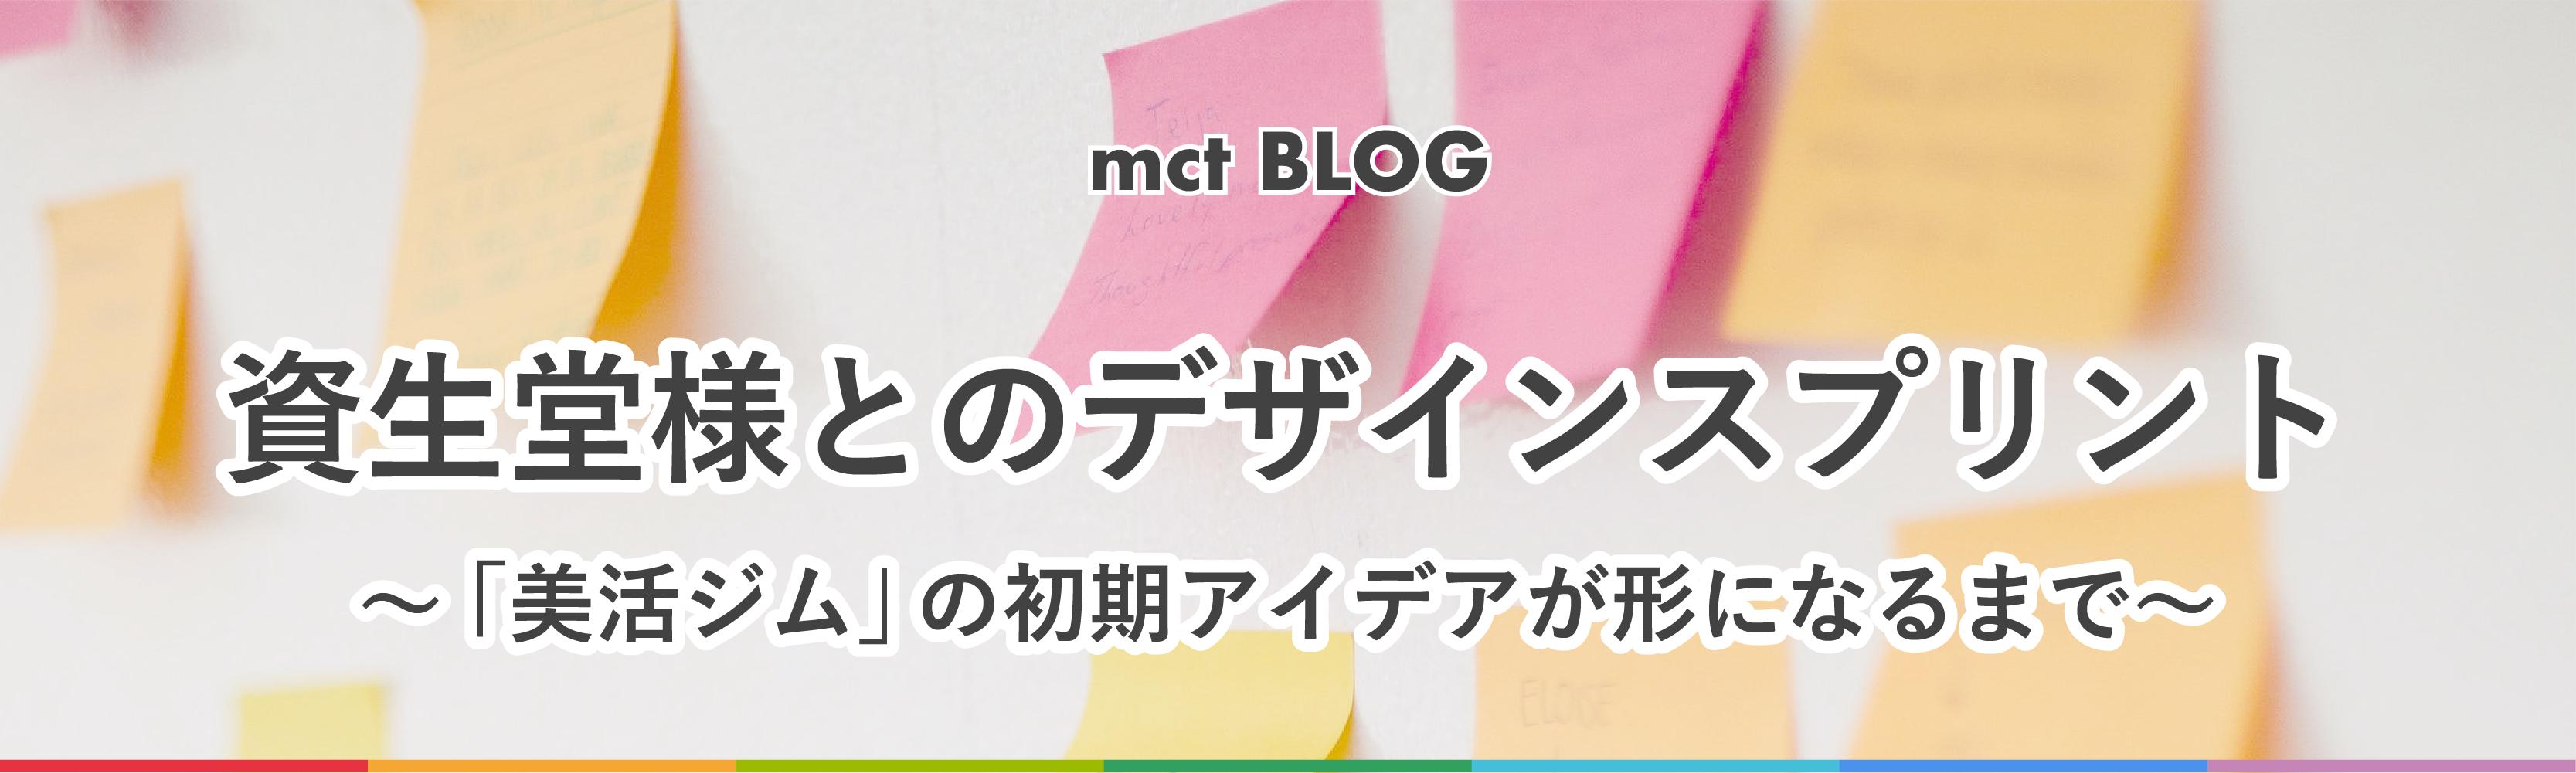 Blog|資生堂様とのデザインスプリント ~「美活ジム」の初期アイデアが形になるまで~